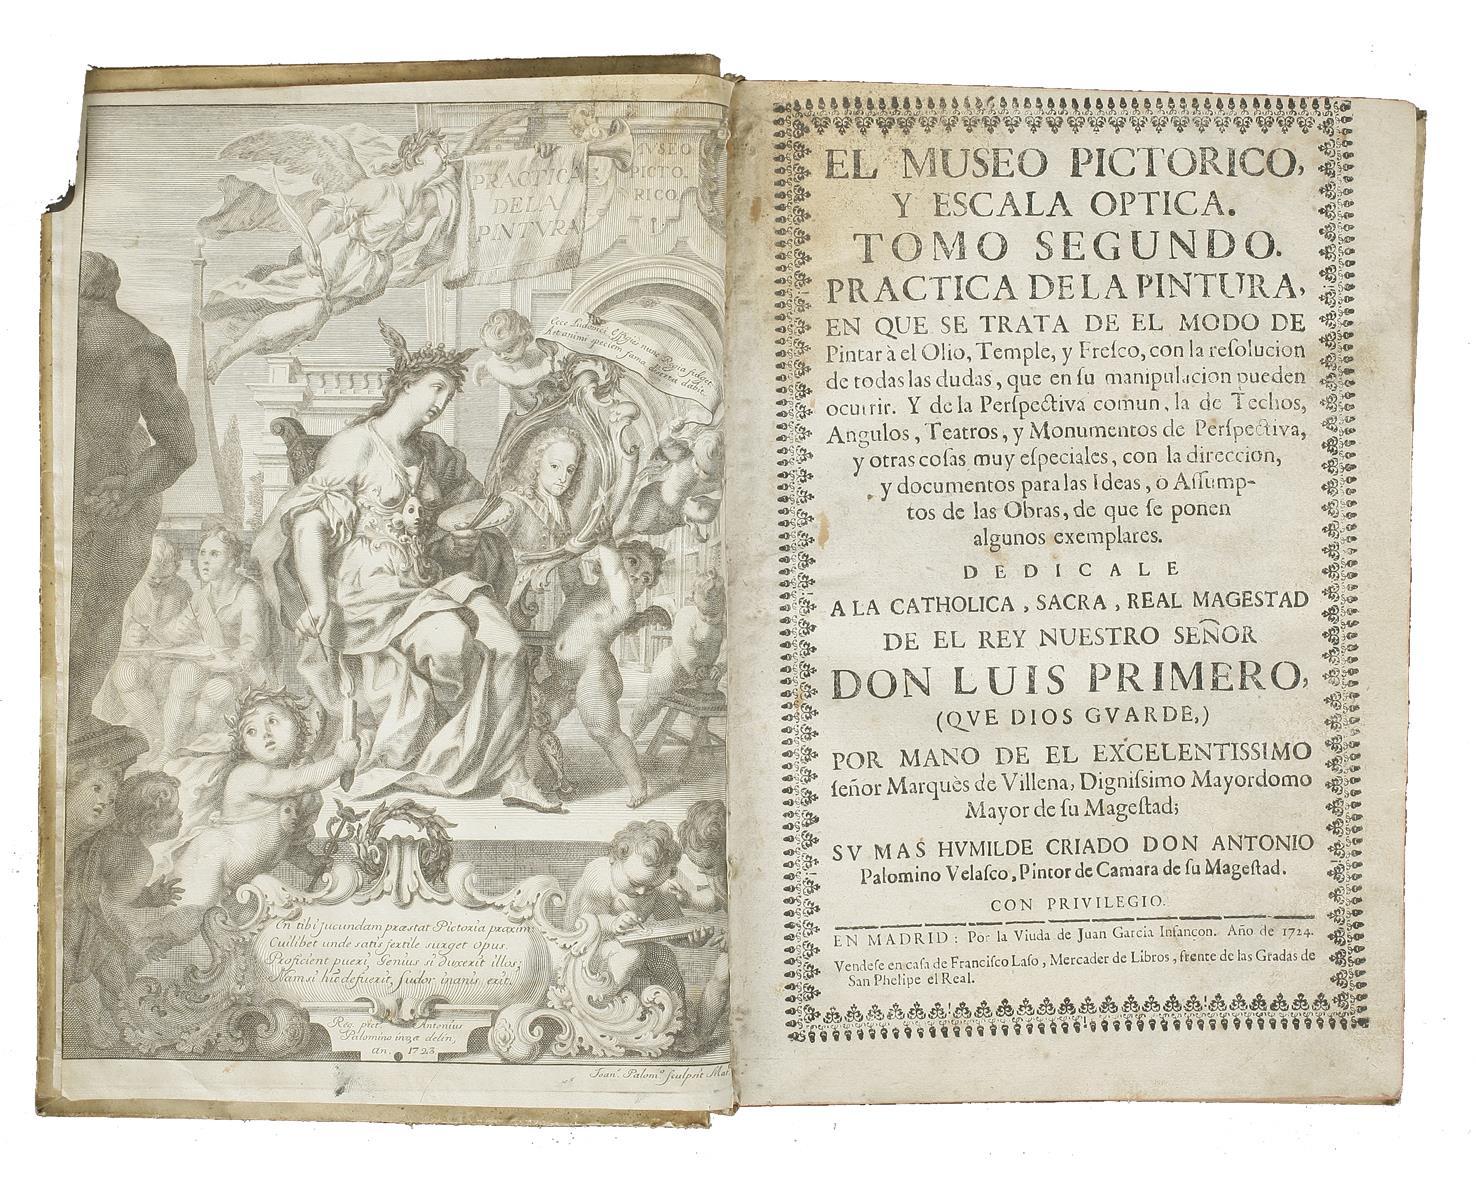 Palomino de Castro y Velasco, Acisclo Antonio (1653-1726)